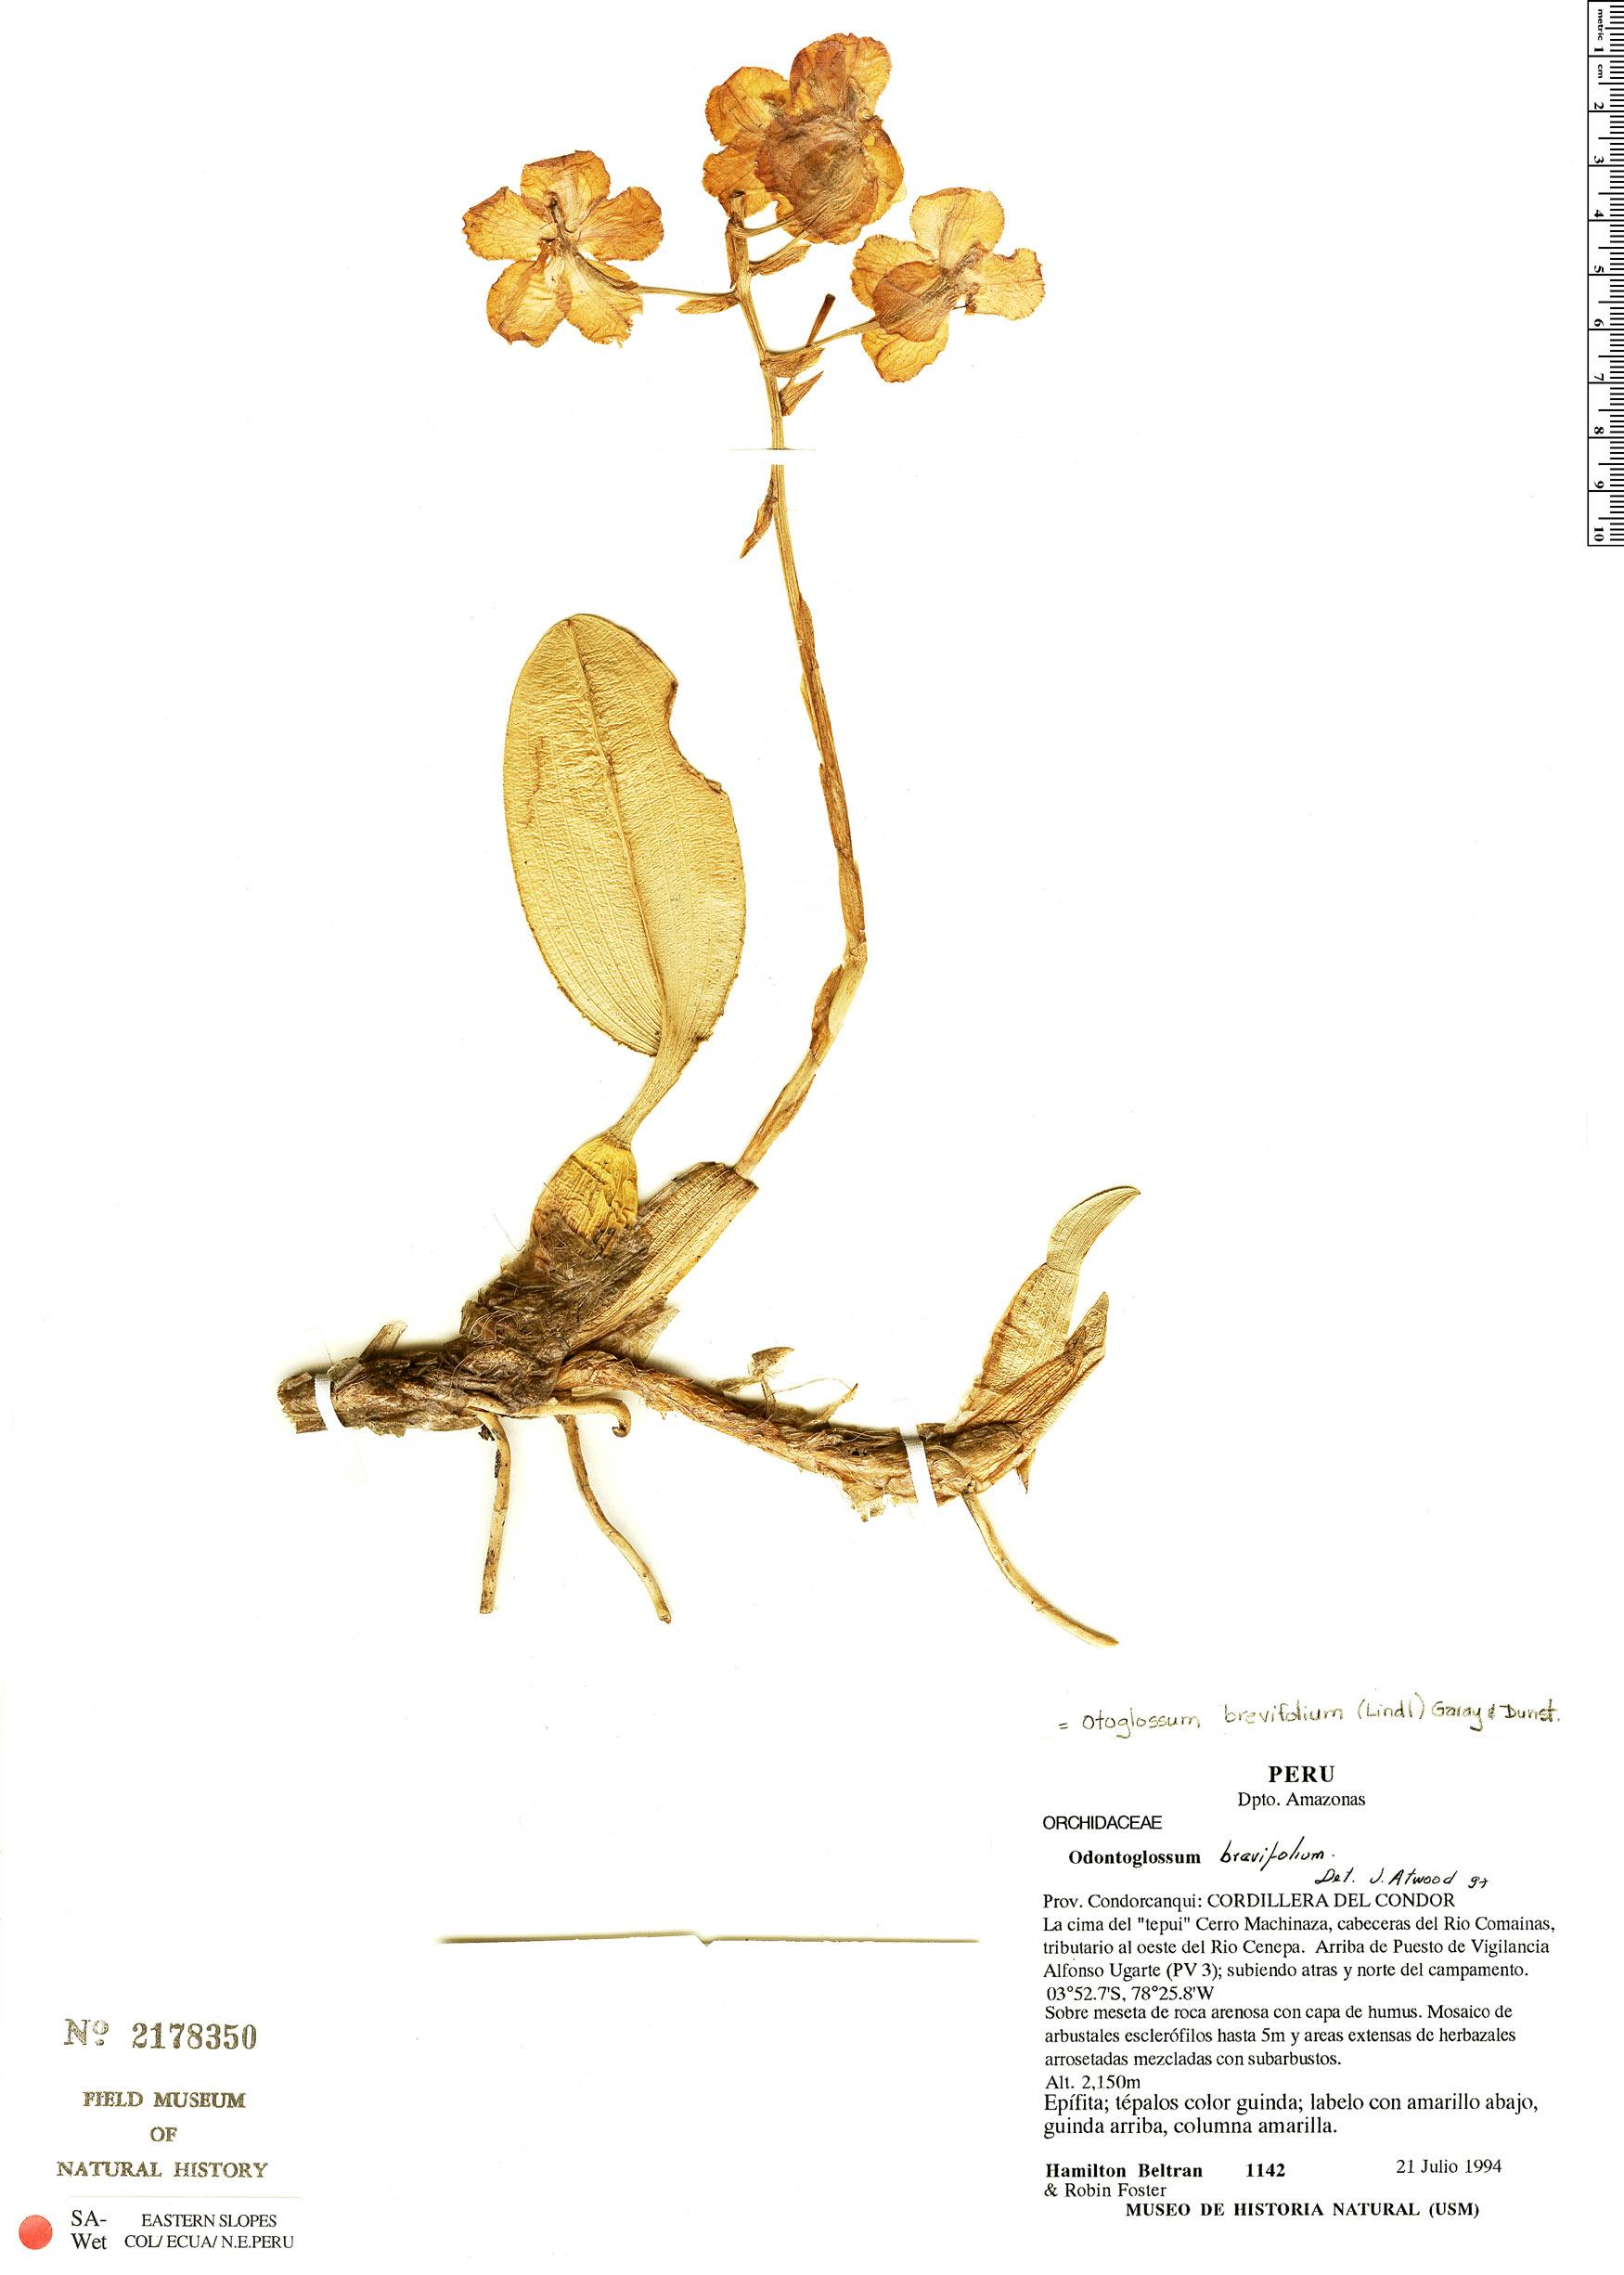 Specimen: Otoglossum brevifolium